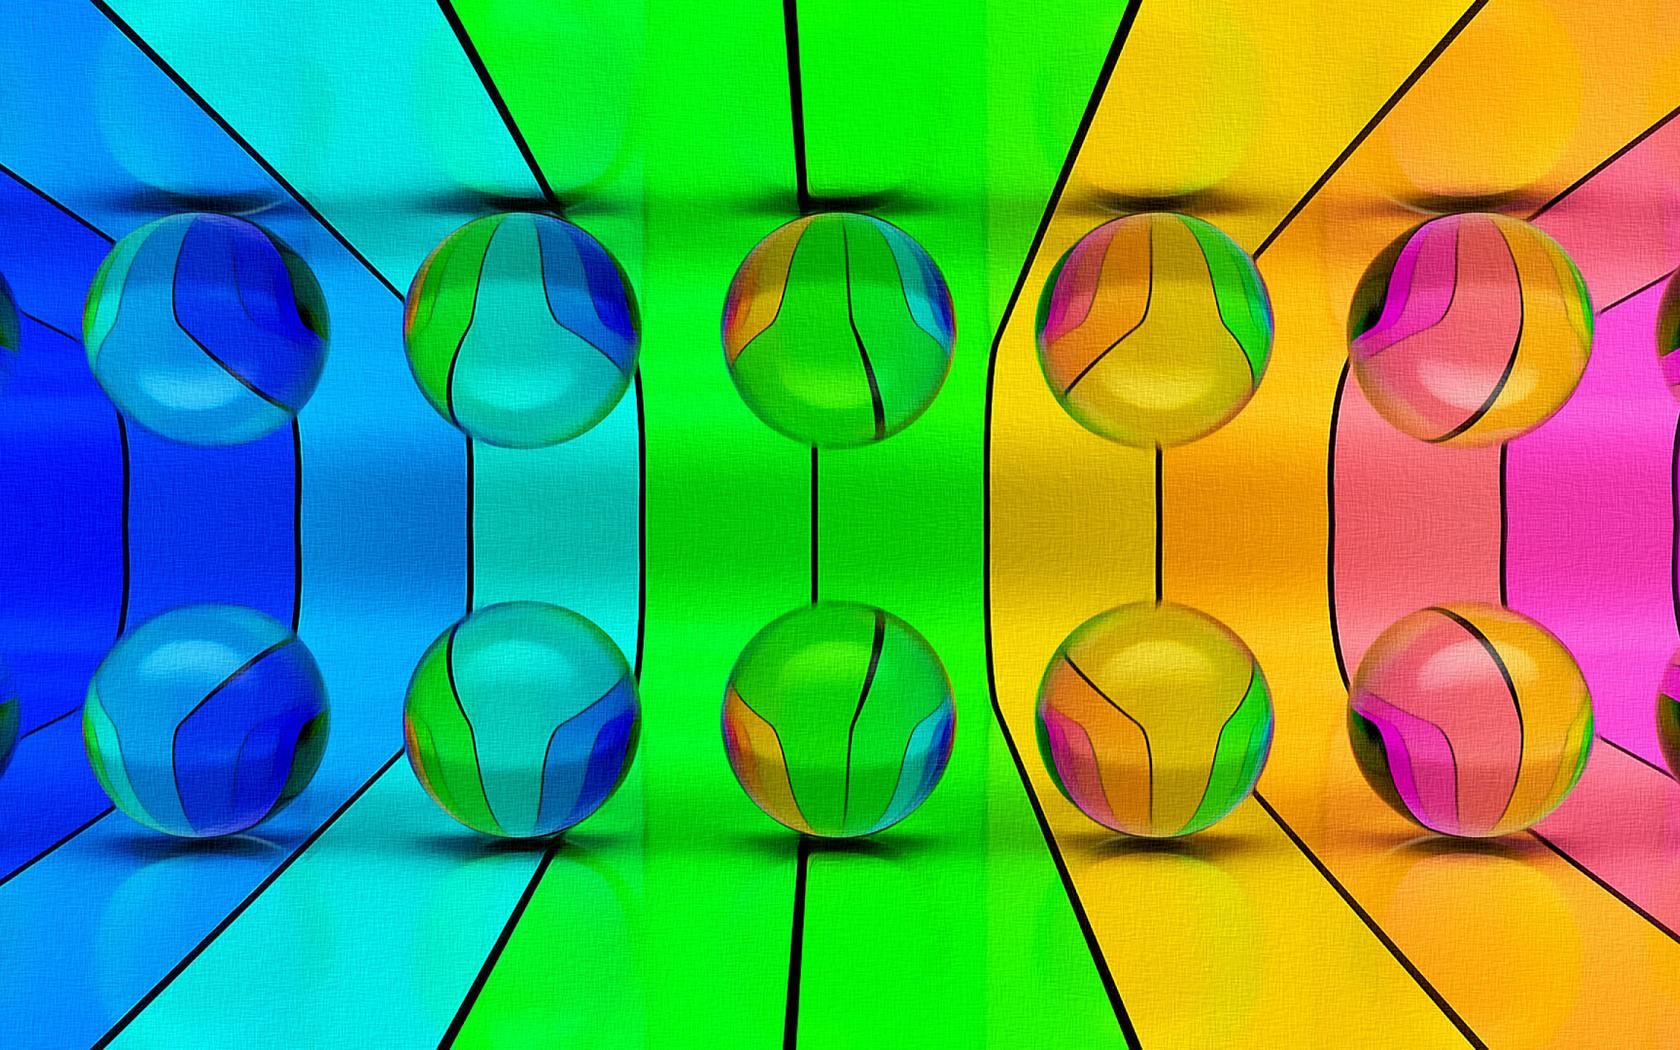 шары, яркие, цвета, обои